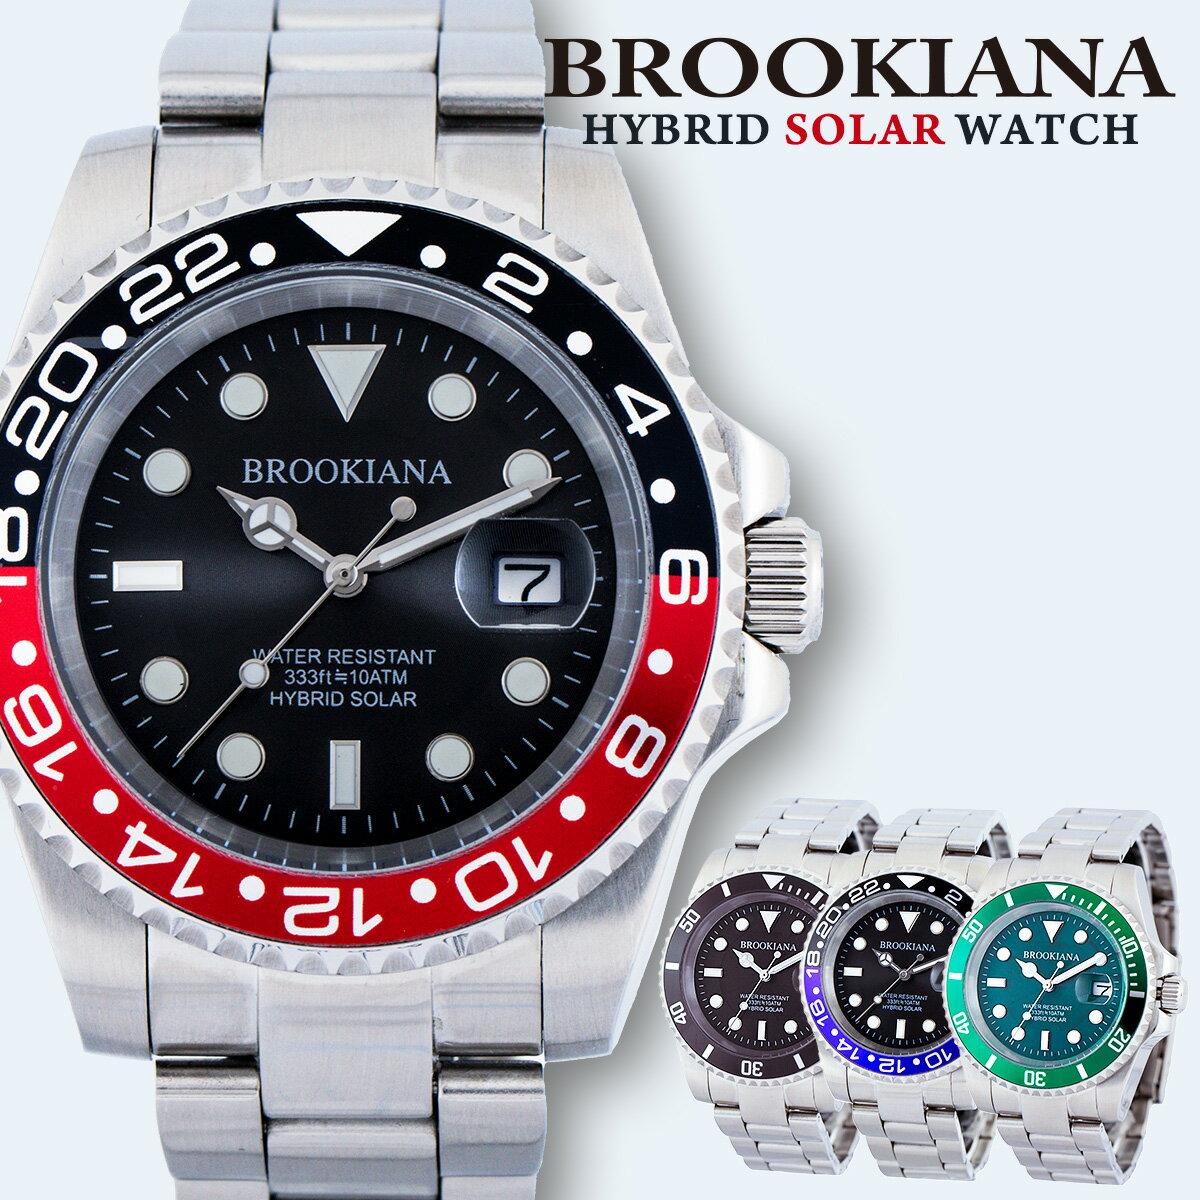 ブルッキアーナ BROOKIANA BA2606 ダイバー メンズ 時計 腕時計 ソーラー クォーツ 防水